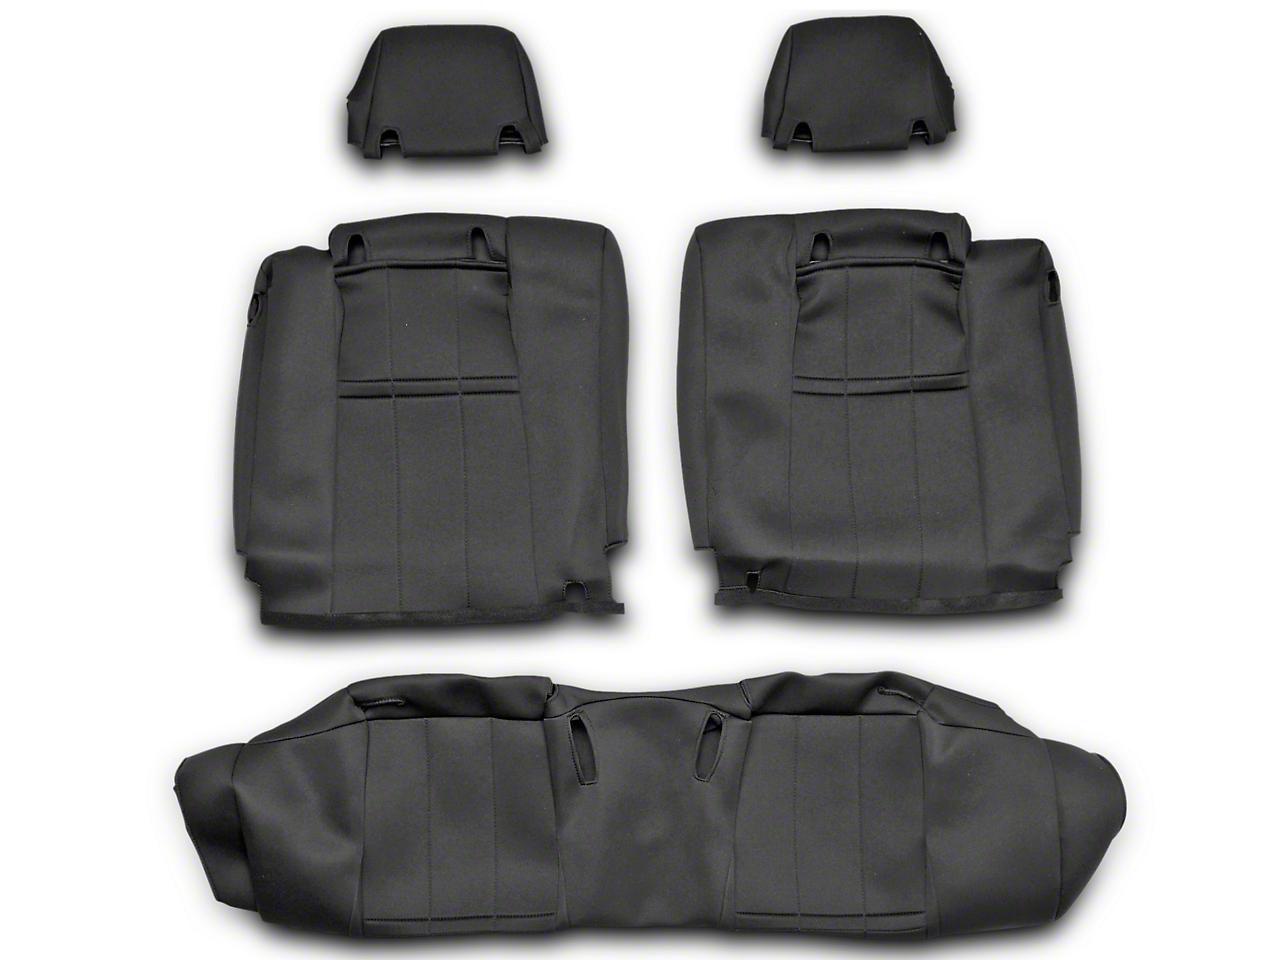 Caltrend NeoSupreme Rear Seat Cover - Black (10-14 All)